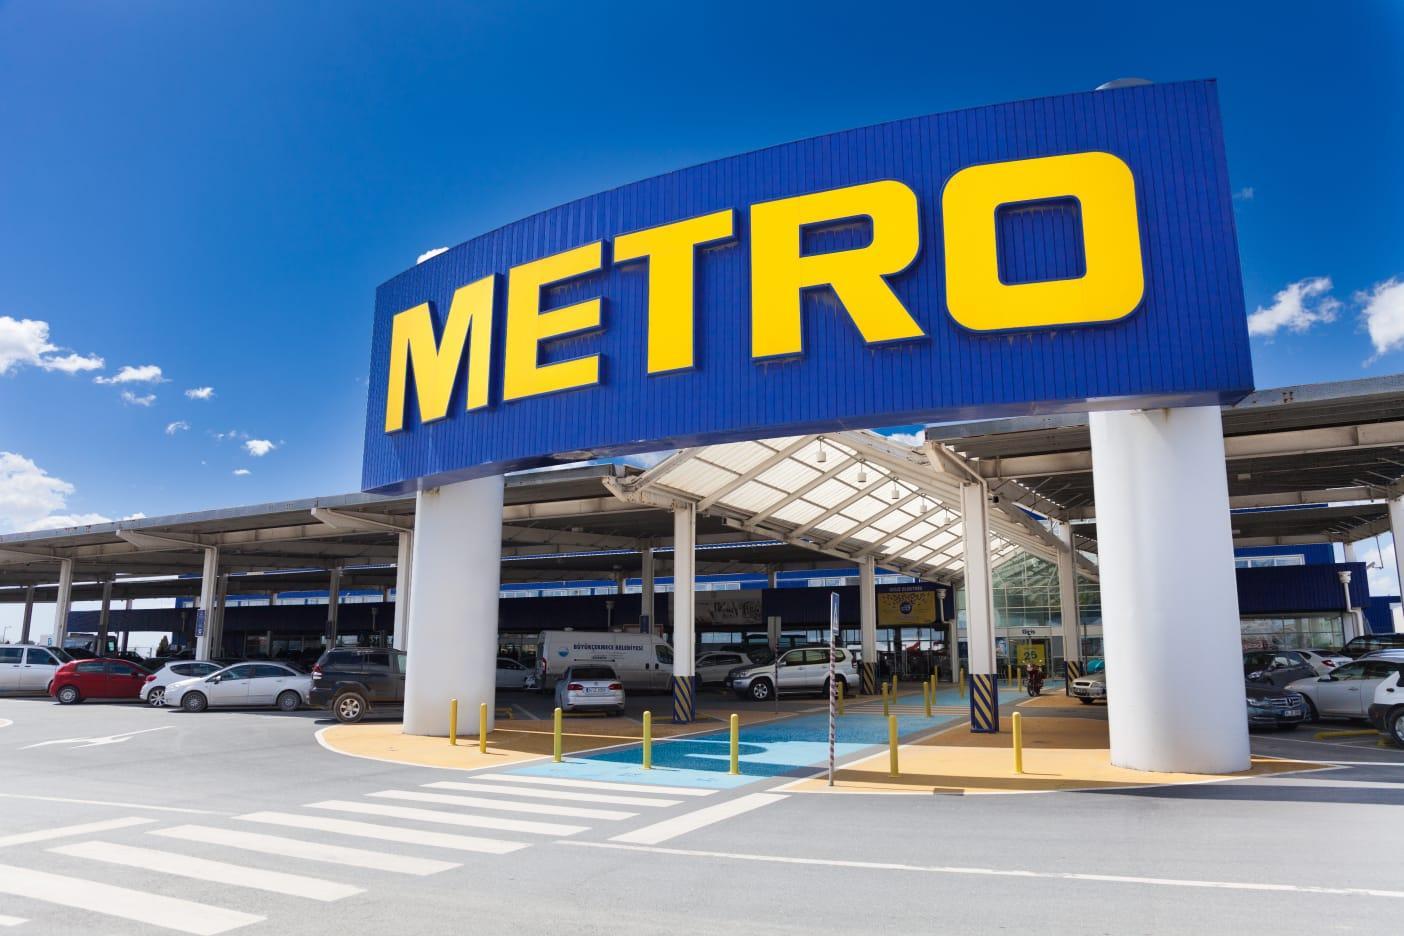 METRO Türkiye 500 KOBİ'ye 2,5 milyon TL değerinde ürün bağışladı